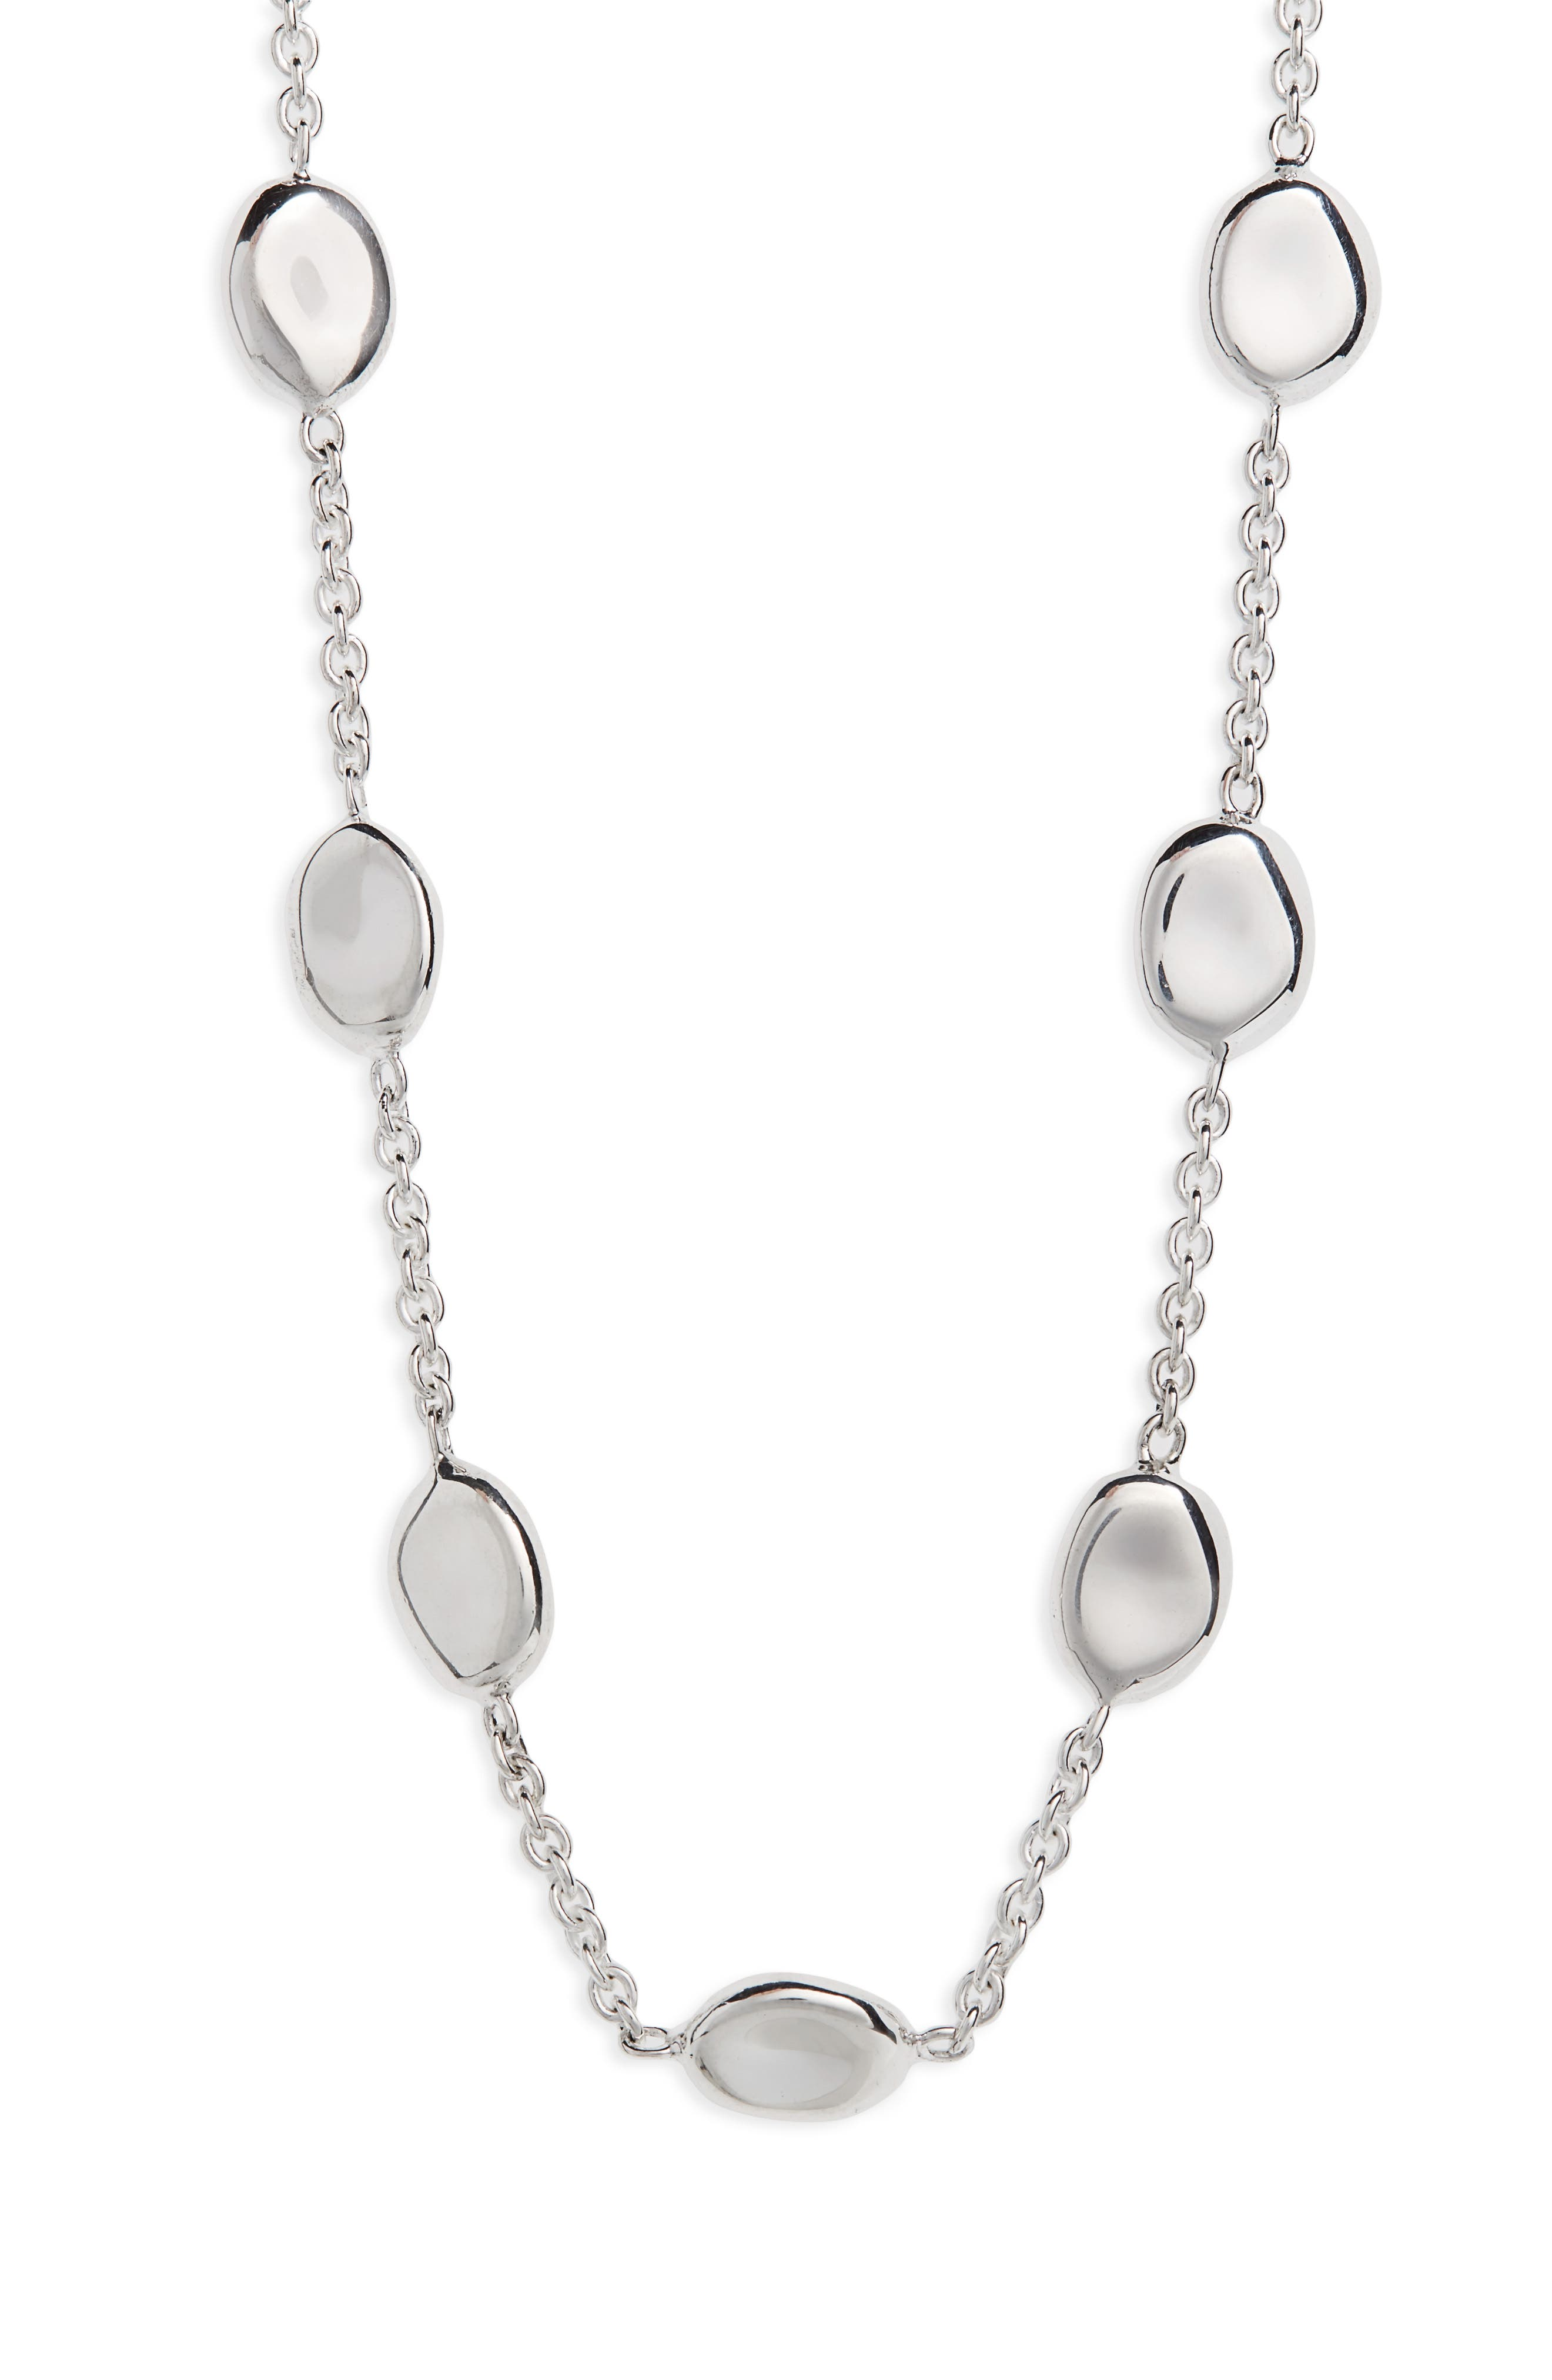 Onda Chain Necklace,                         Main,                         color, Silver